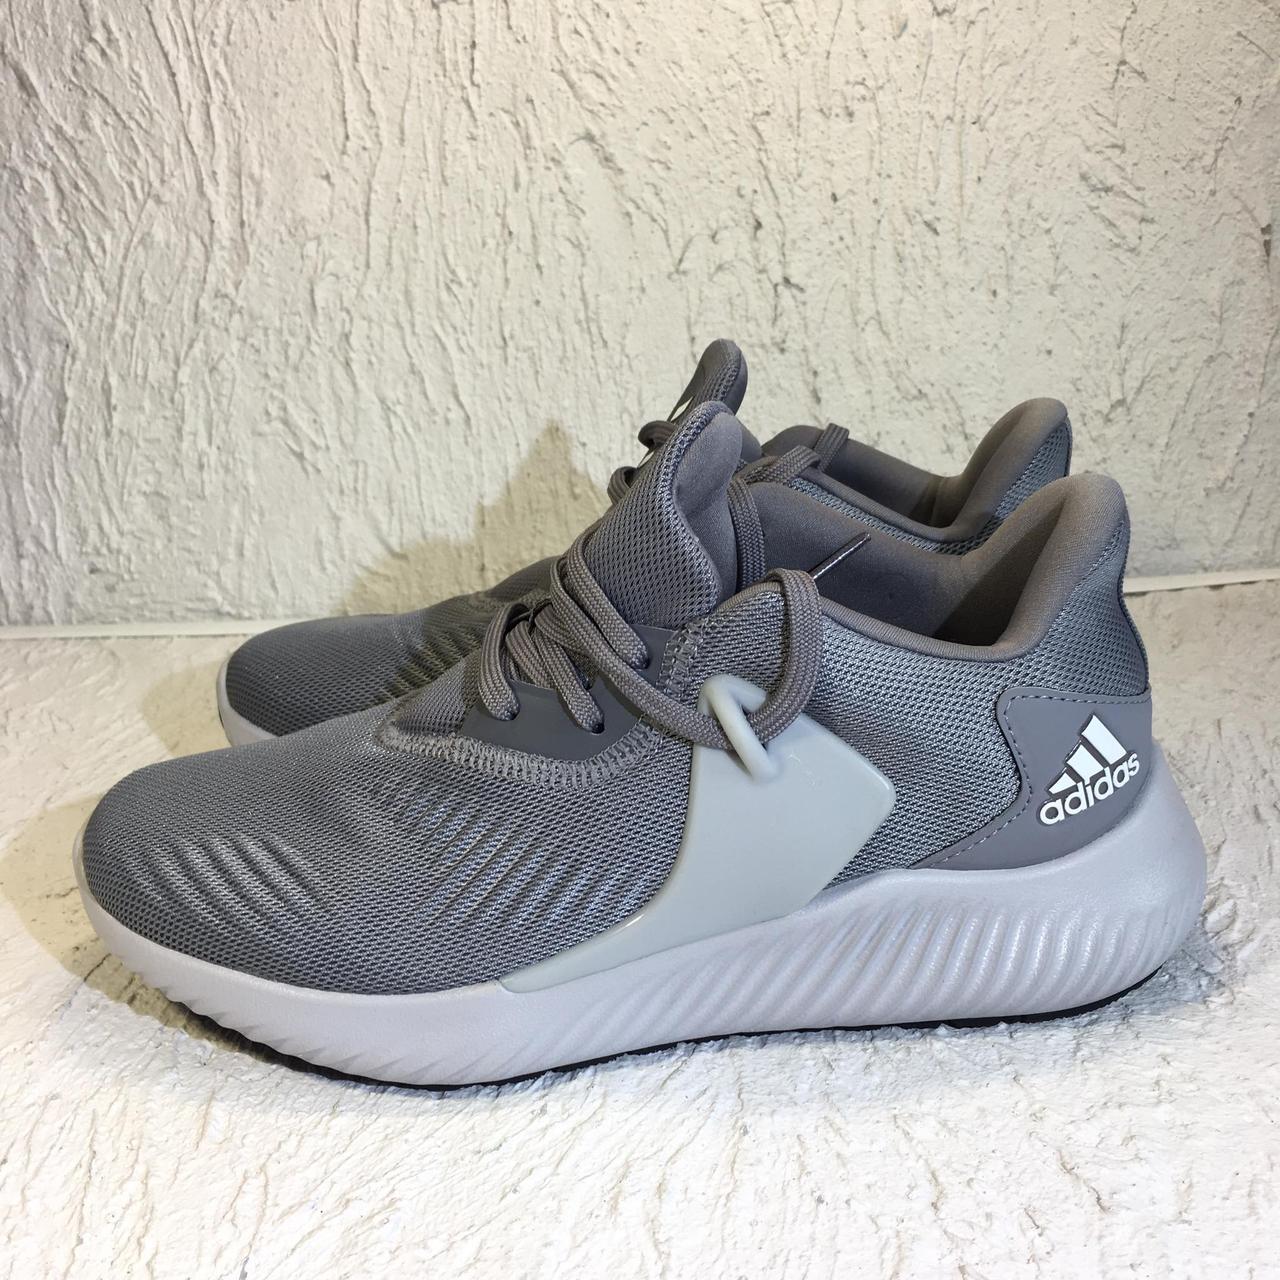 Кроссовки для бега adidas alphabounce rc 2.0 d96501 37, 37,5, 38, 38,5, 39,5, 40, 40,5 размер